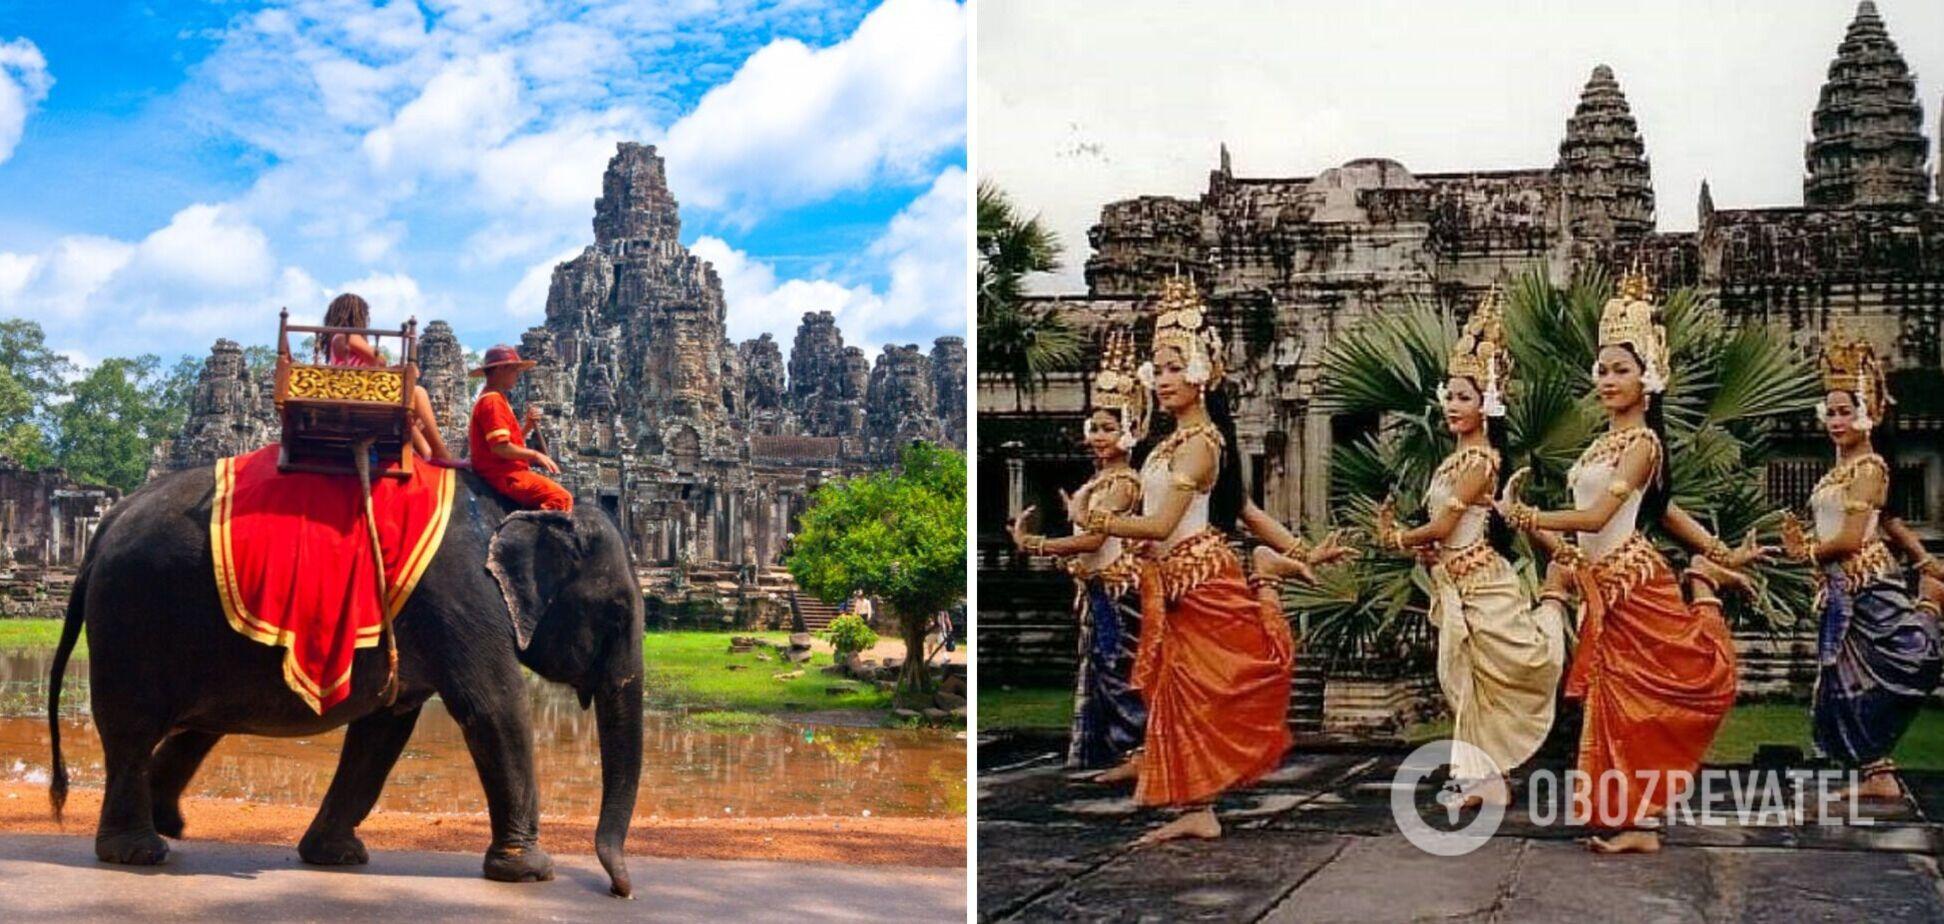 Камбоджа открылась для туристов с любой вакциной. Подробности